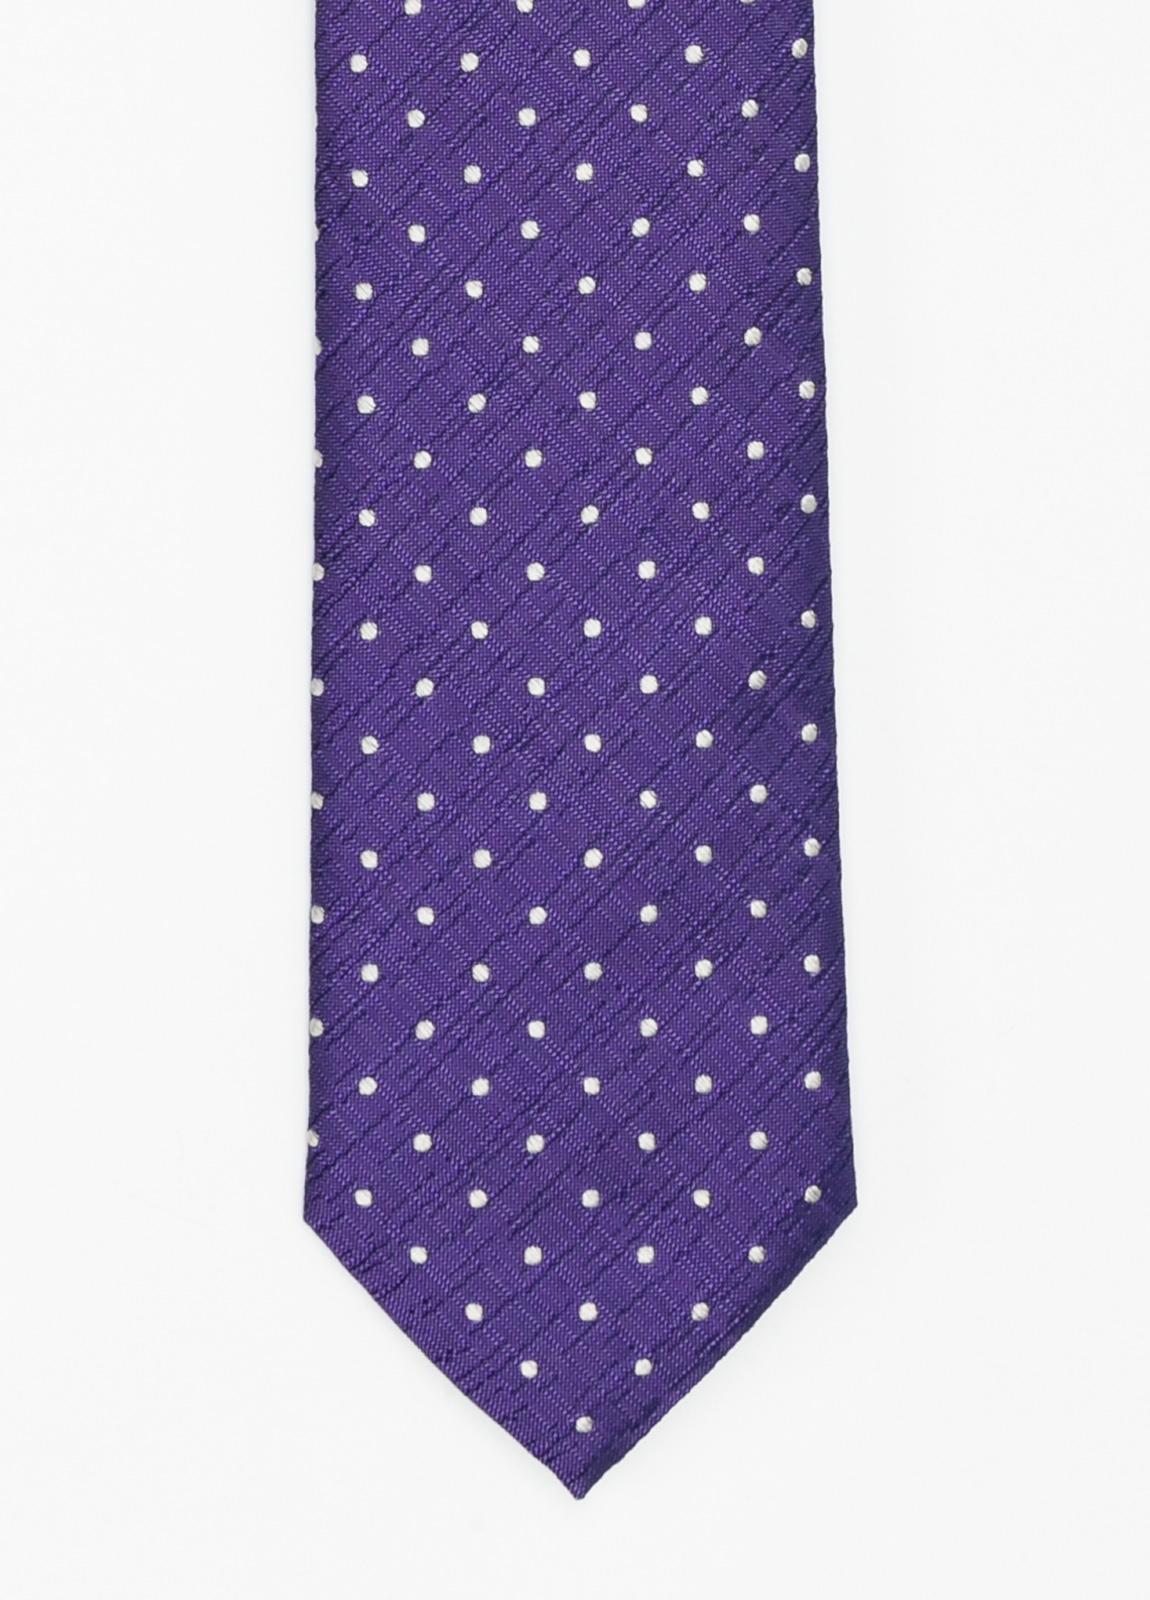 Corbata Formal Wear micro textura topito color azul tinta. Pala 7,5 cm. 100% Seda.